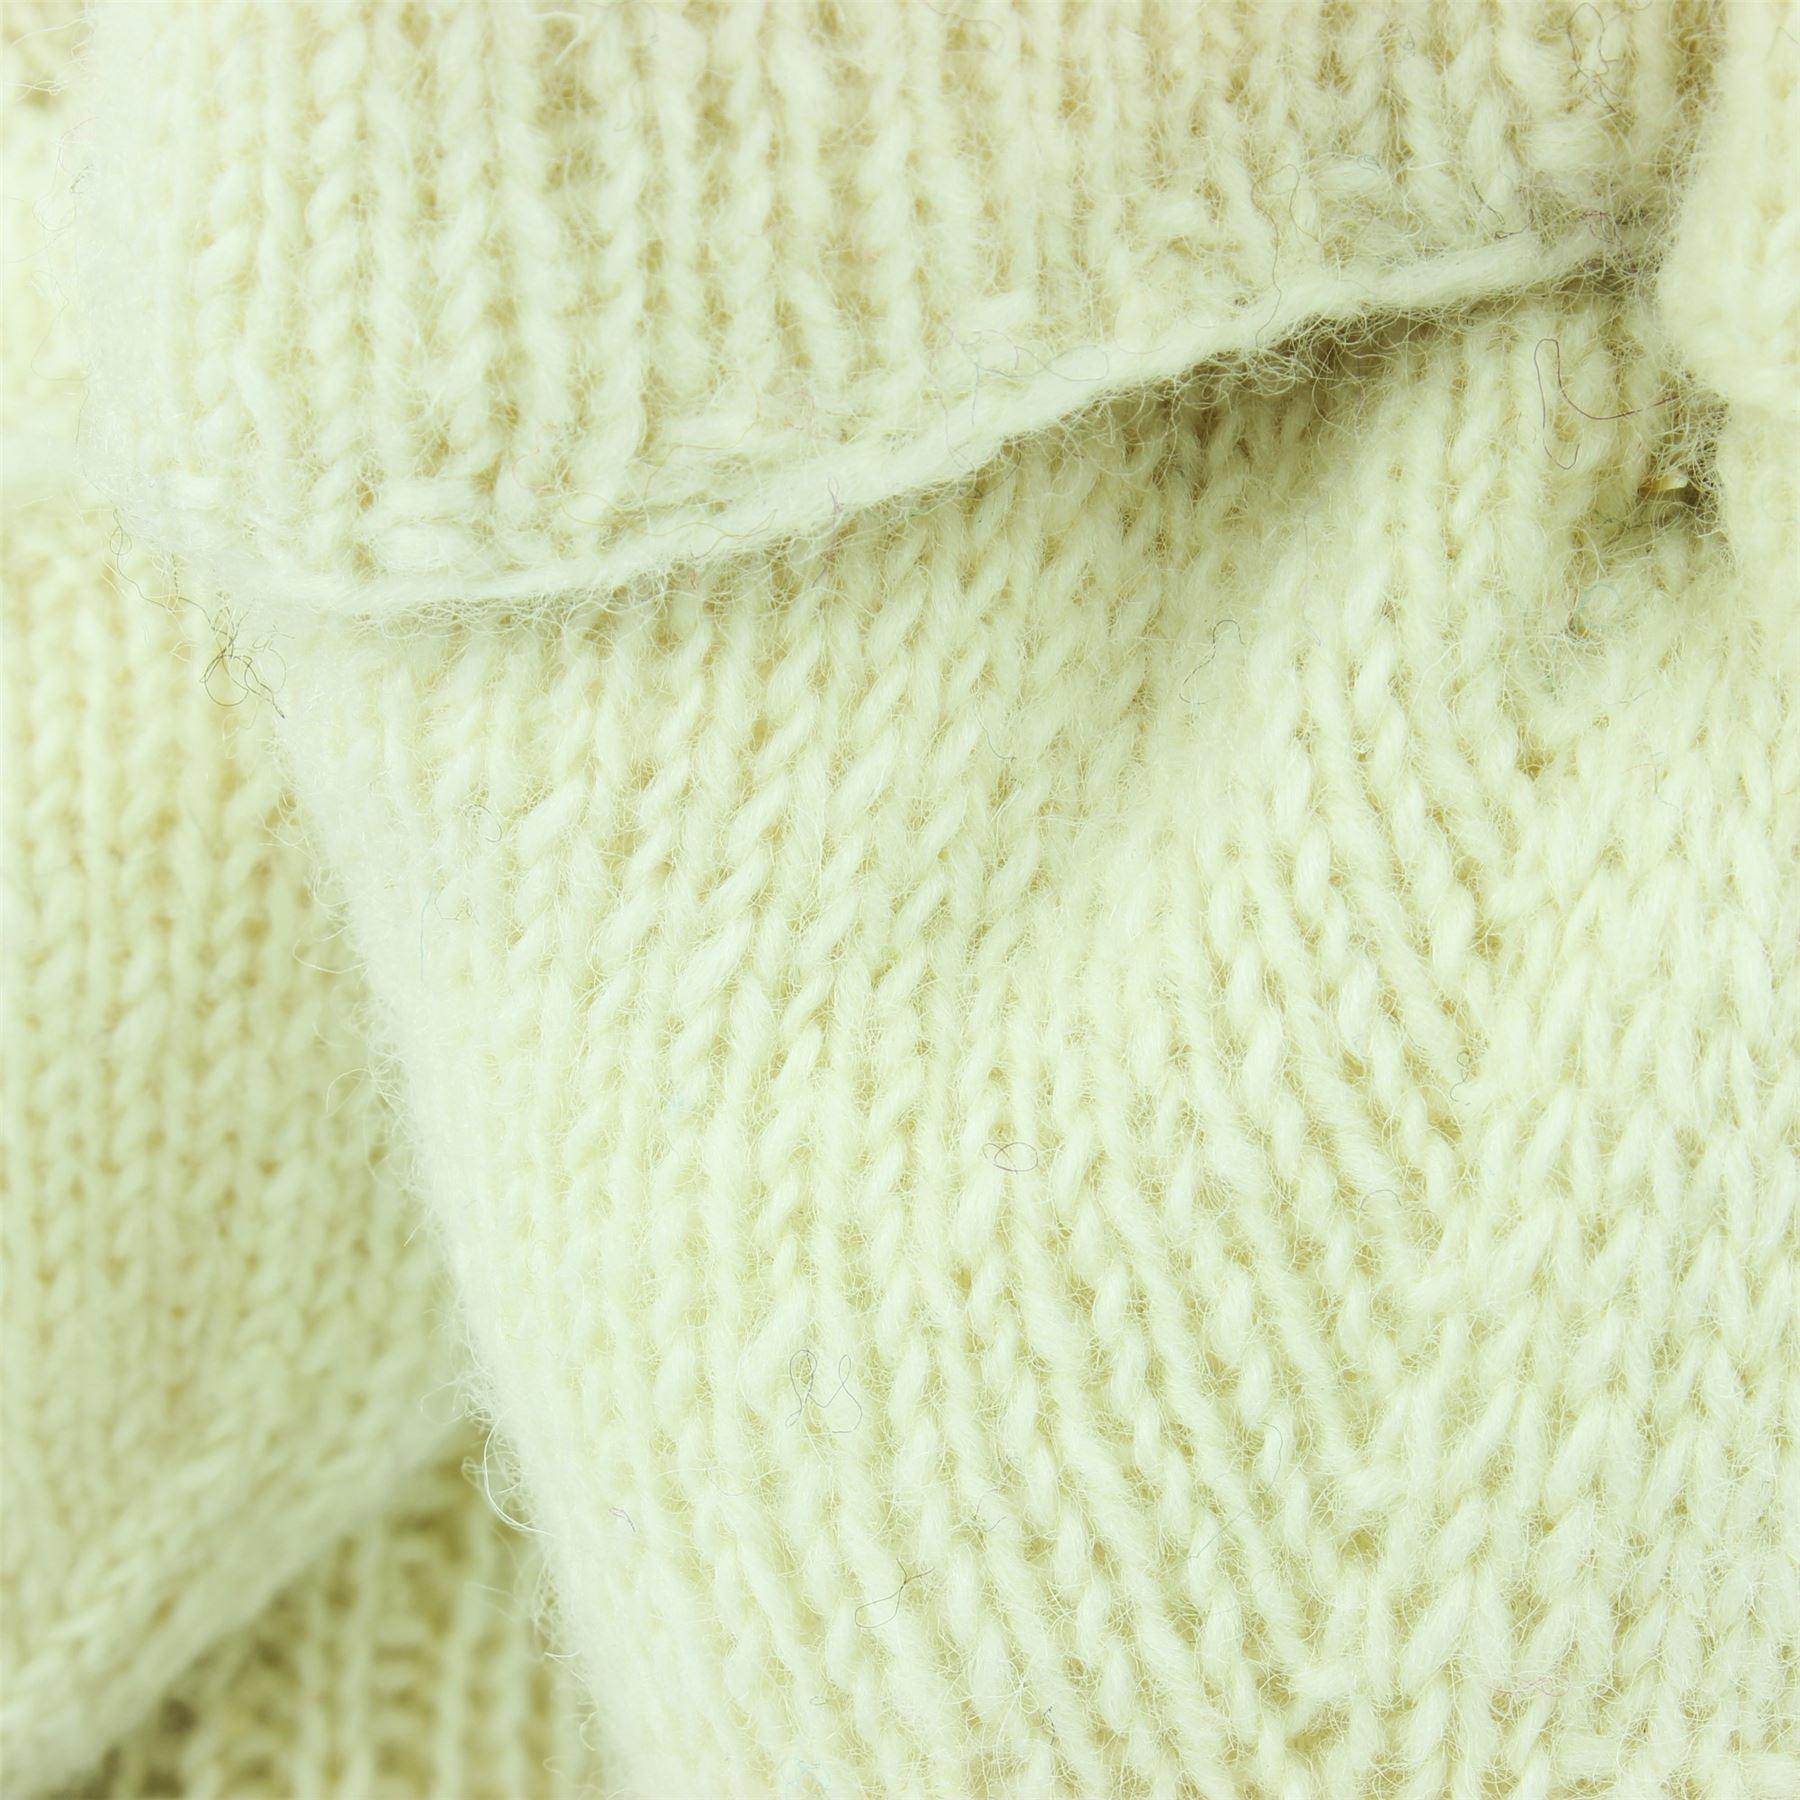 Wool-Gloves-Mittens-Fingerless-Shooter-Lined-PLAIN-Knit-Handmade-LoudElephant miniatura 11